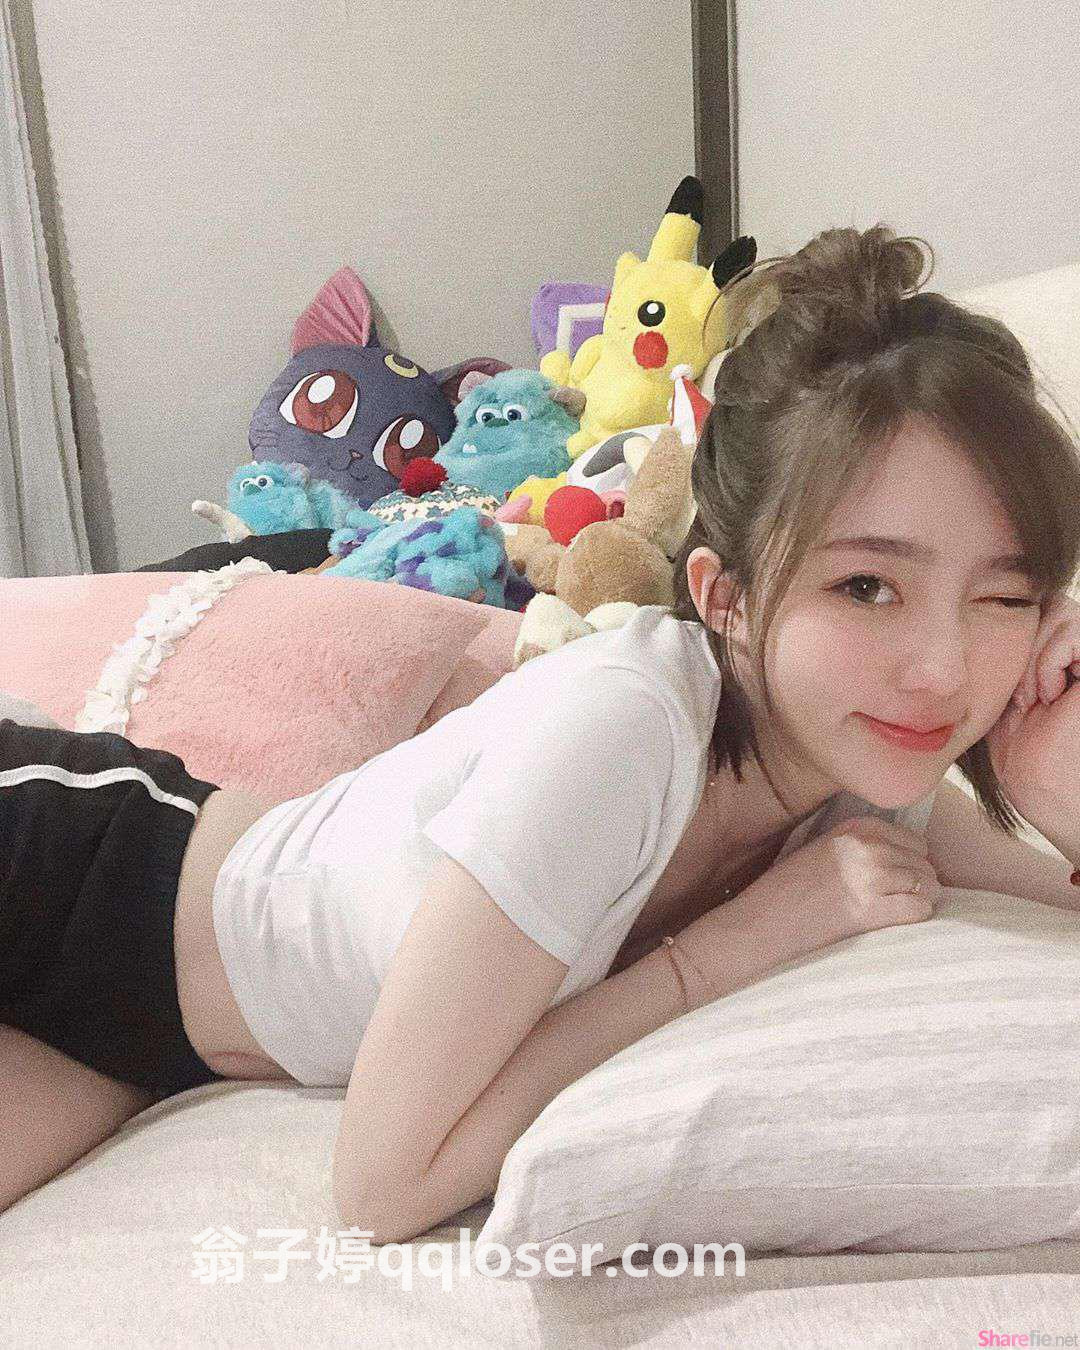 魔竞娱乐旗下艺人妮妮Niniko(翁子婷)运动背心健身,锁骨出卖好身材!